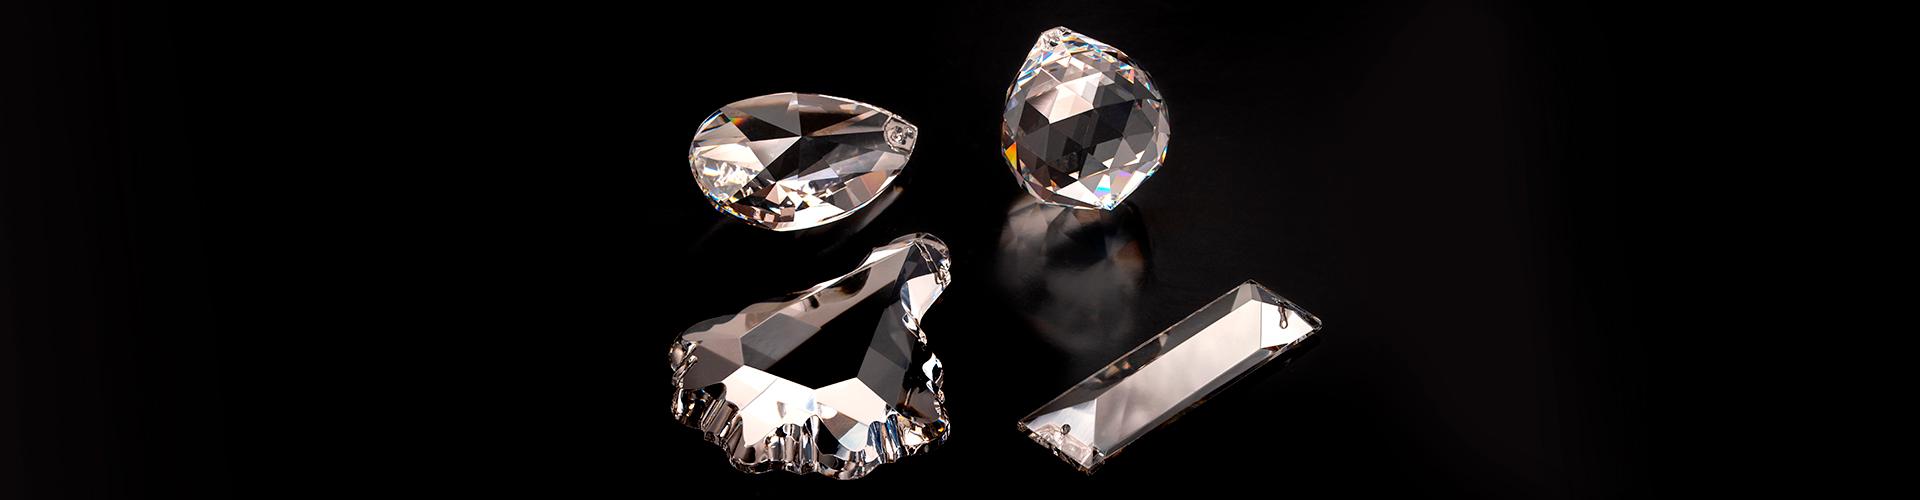 elementi/componenti/pendagli in cristallo egiziano Pbo 30%